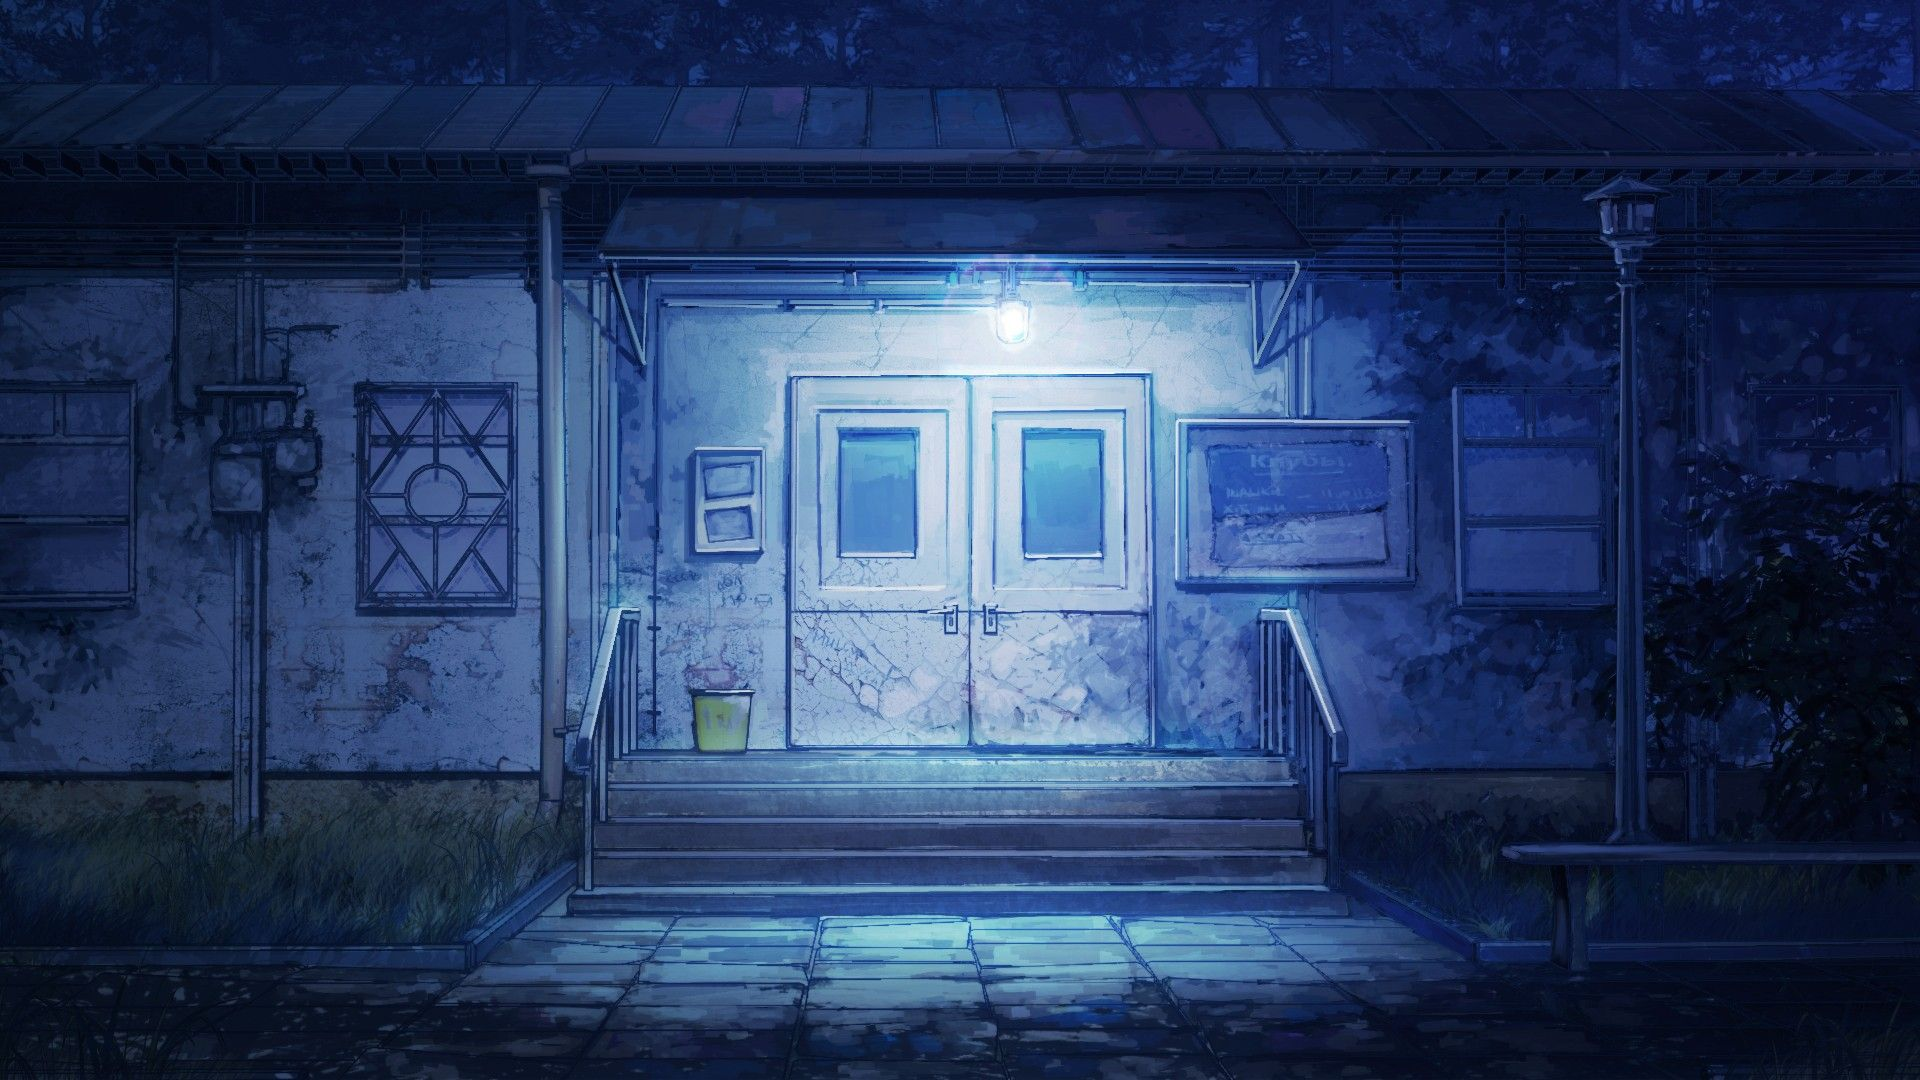 Everlasting Summer Wallpaper Anime Scenery Anime Scenery Wallpaper Scenery Wallpaper